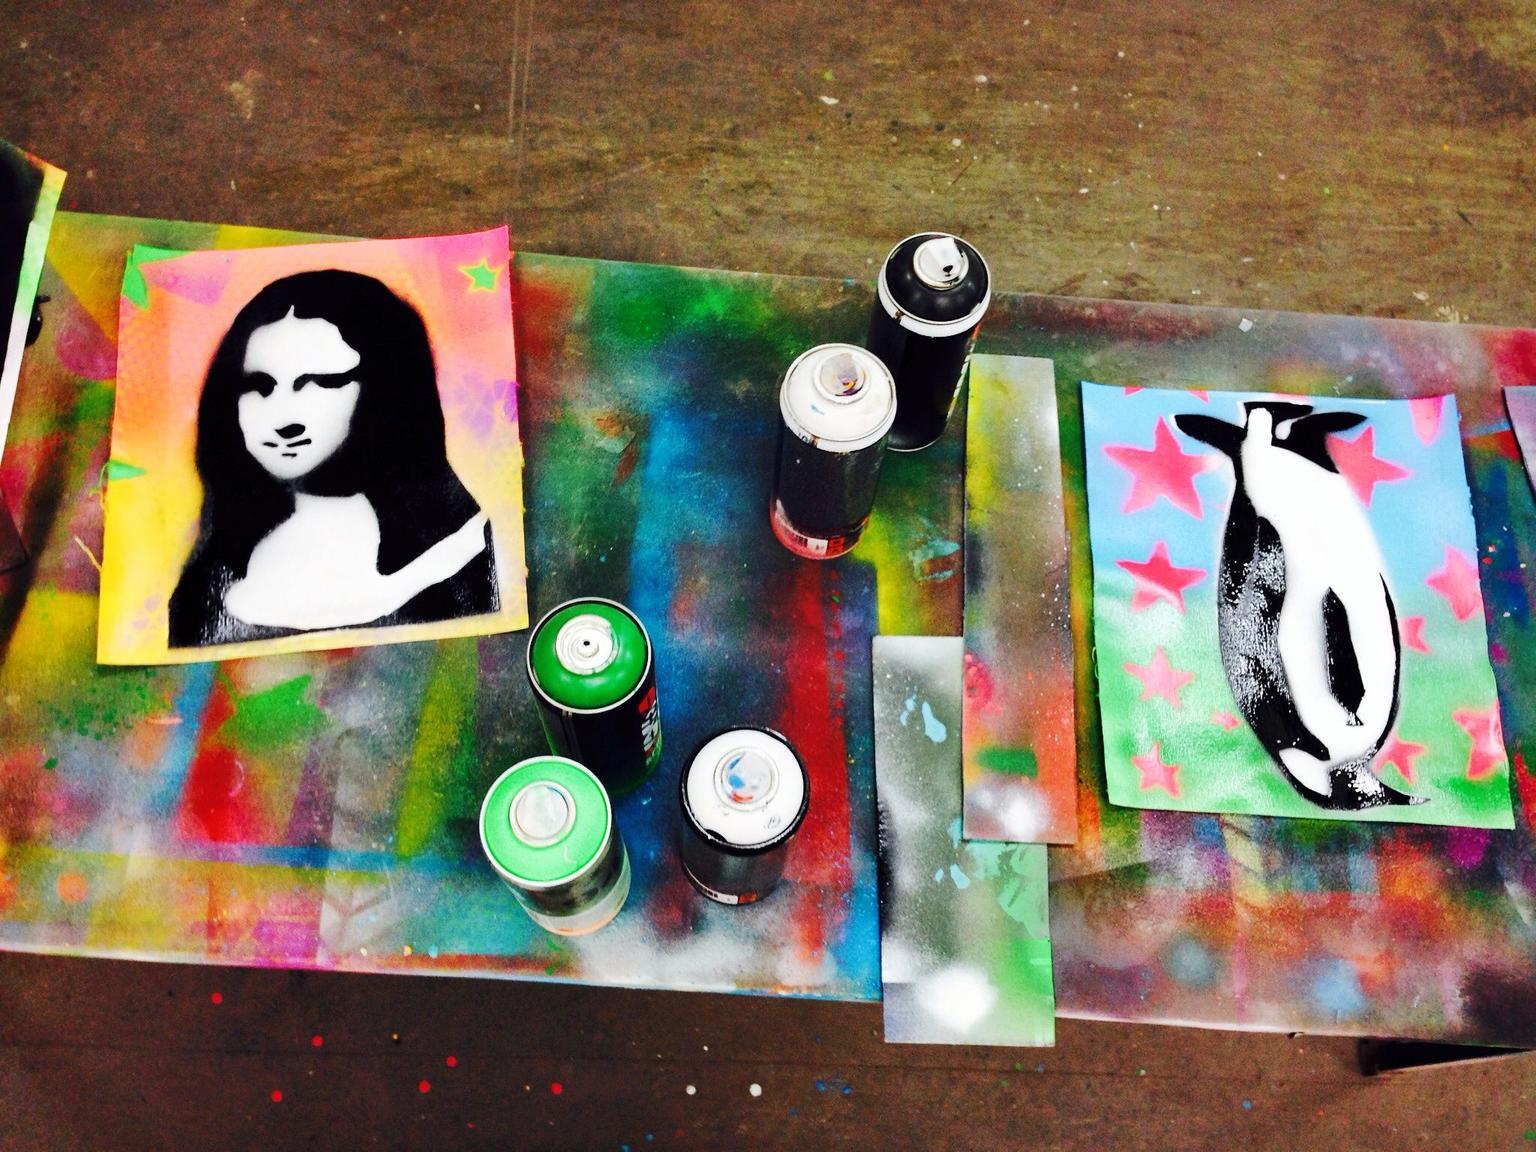 MAIS FOTOS, Excursão sobre Arte de Rua e Workshop de Grafite para grupos pequenos em Berlim